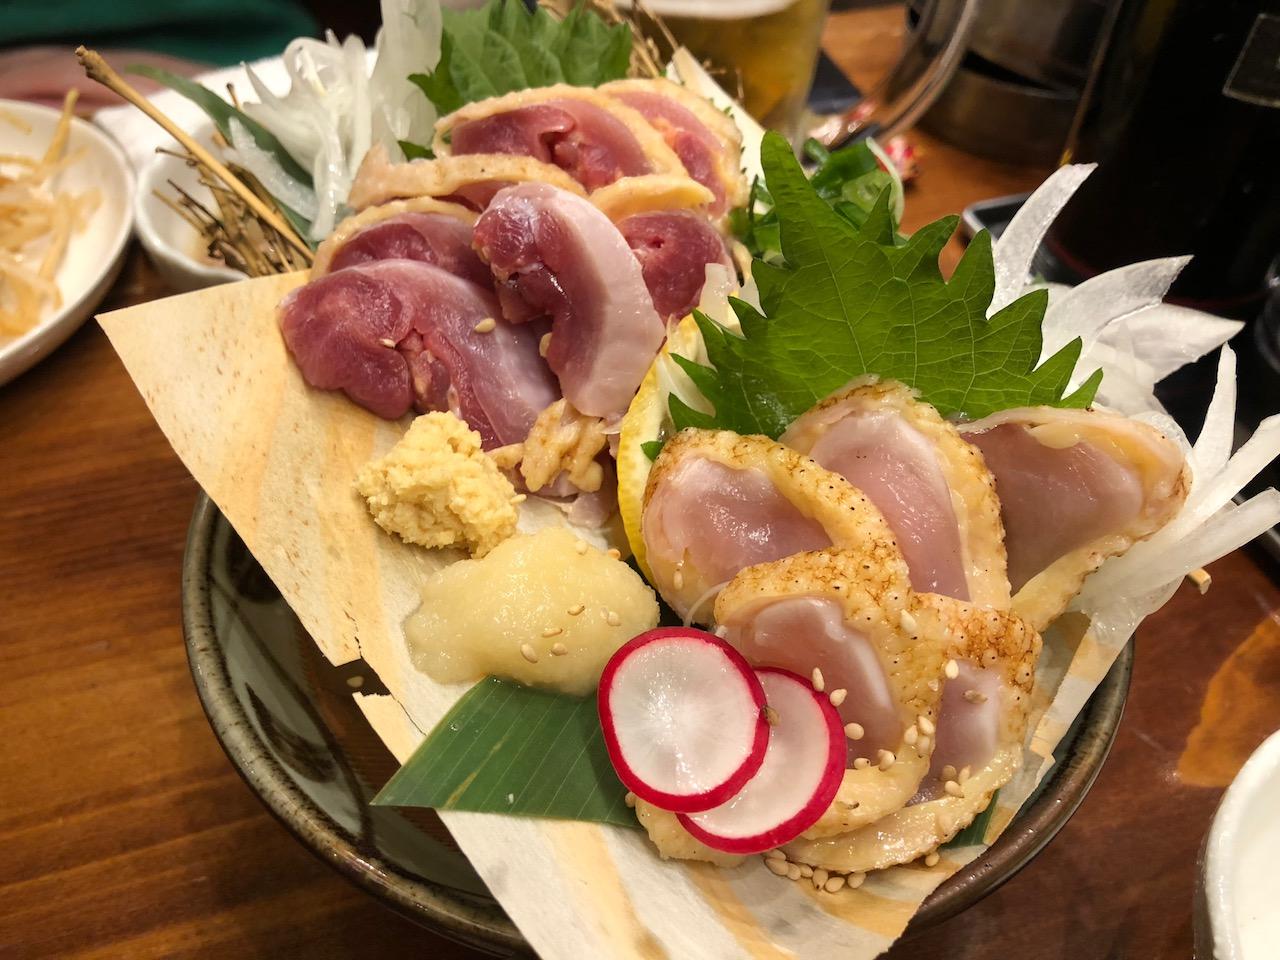 宮崎地鶏を堪能するなら姫路駅から歩いて3分の「ごて王」へ行こう!